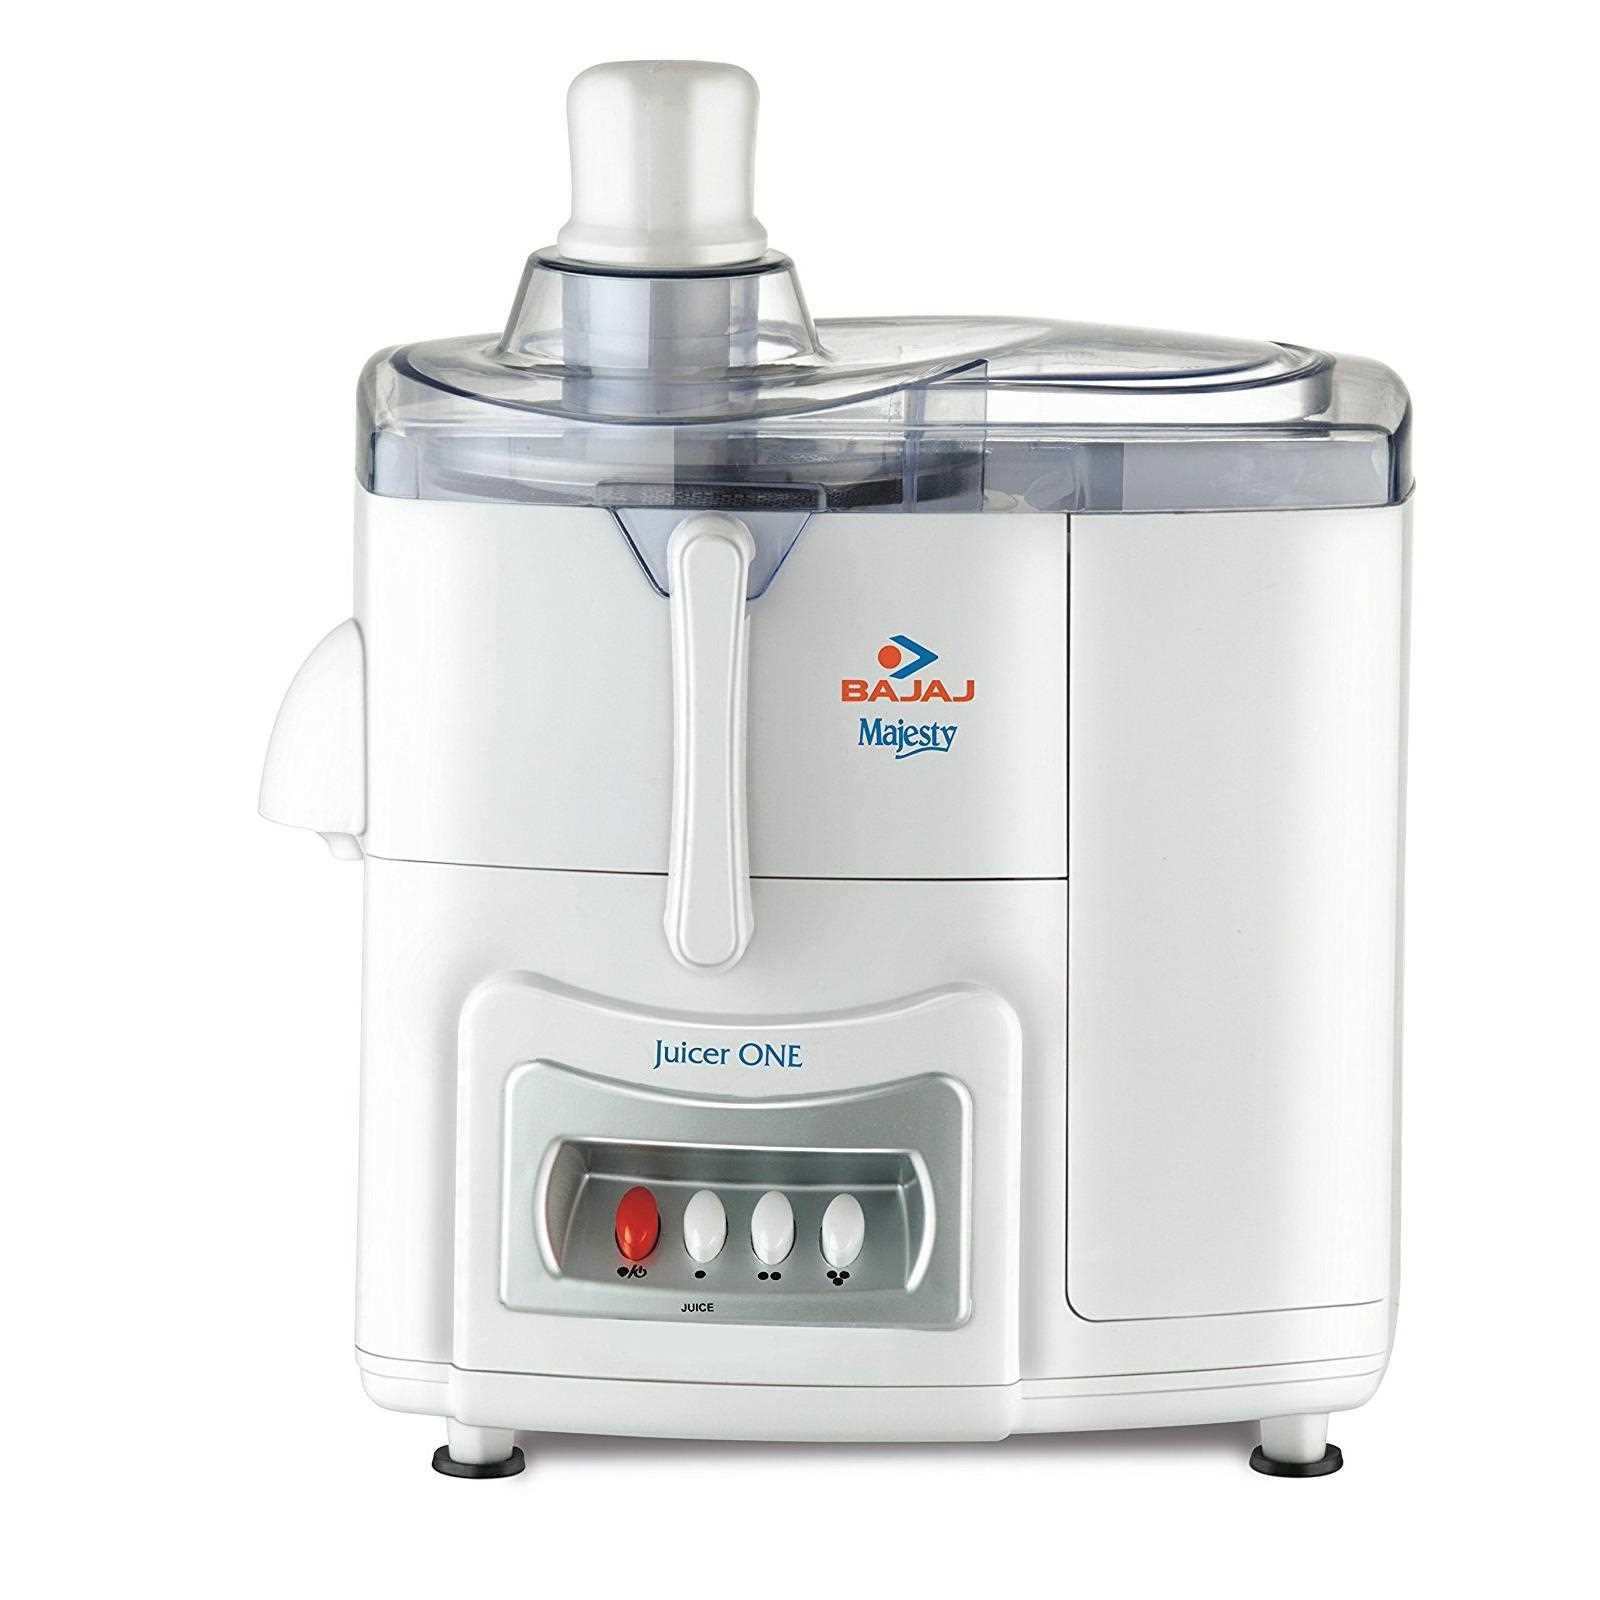 Bajaj Majesty One 500 W Juicer